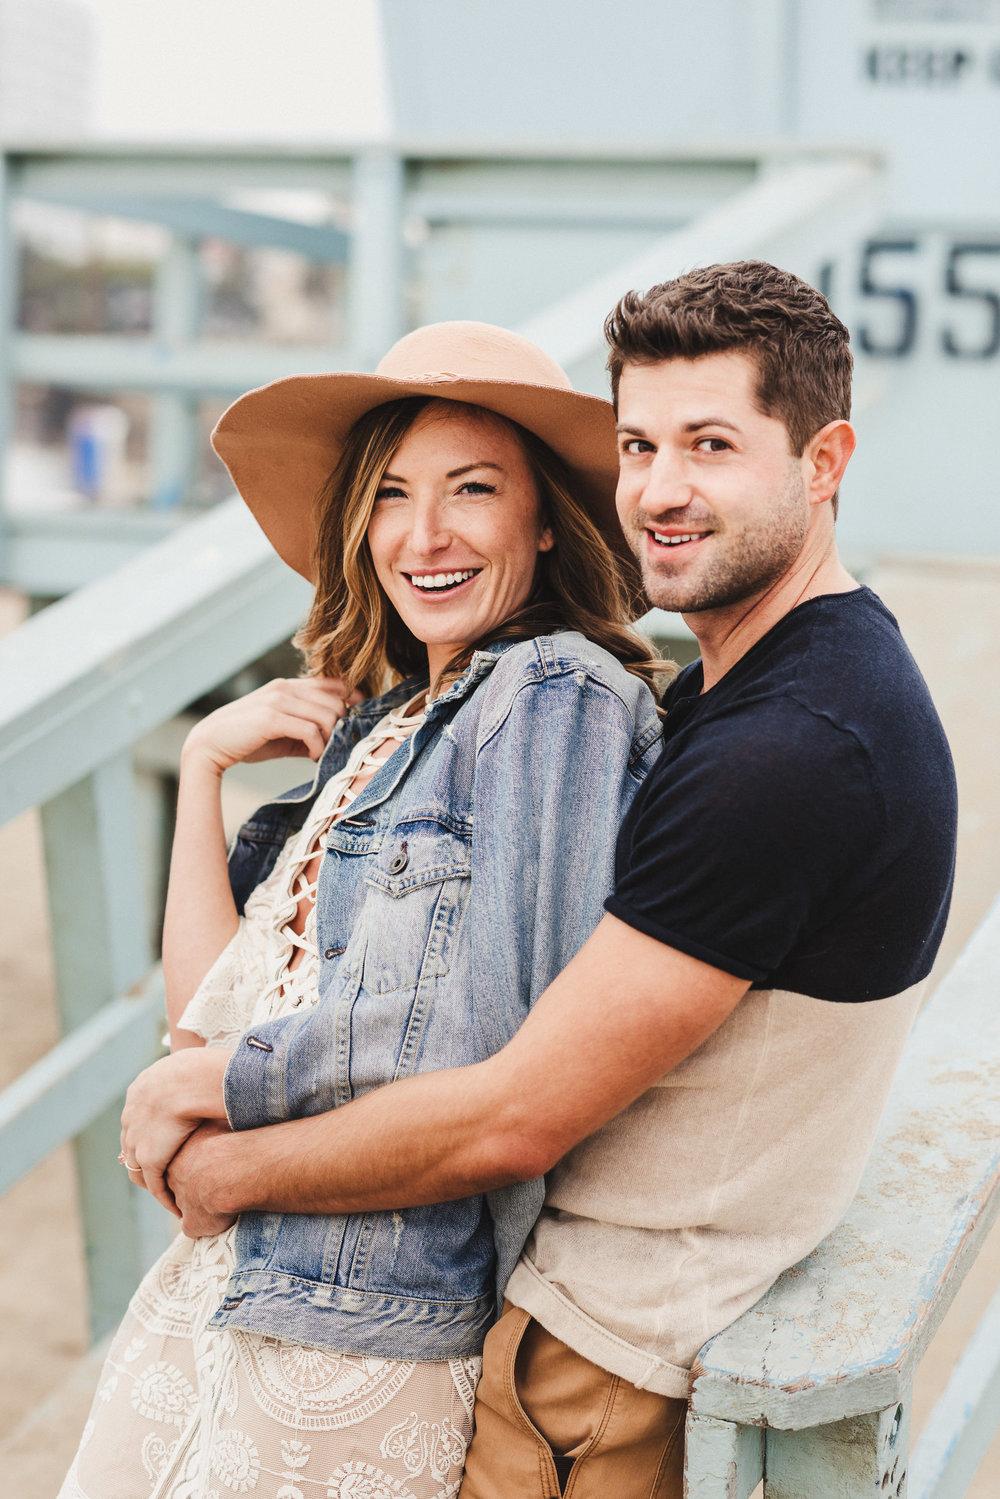 sKate + Danny - Engagement, Santa Monica-38.jpg